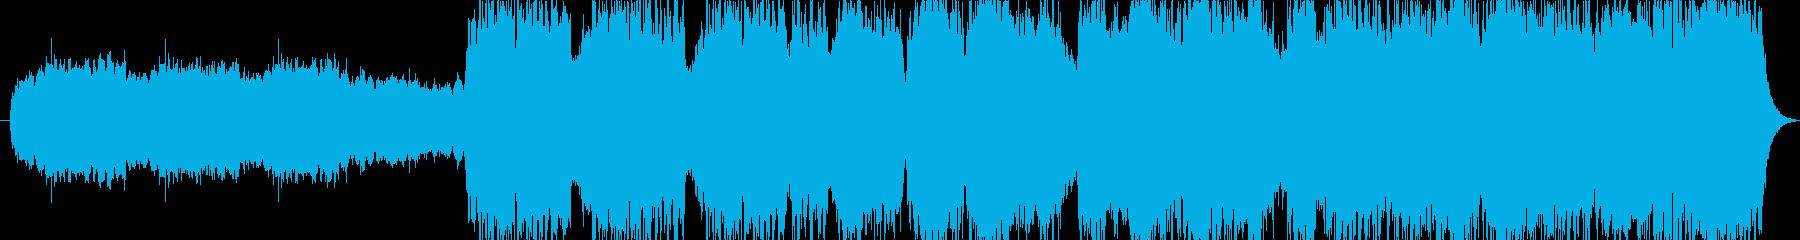 パイプオルガンが鳴り響く、荘厳な曲の再生済みの波形